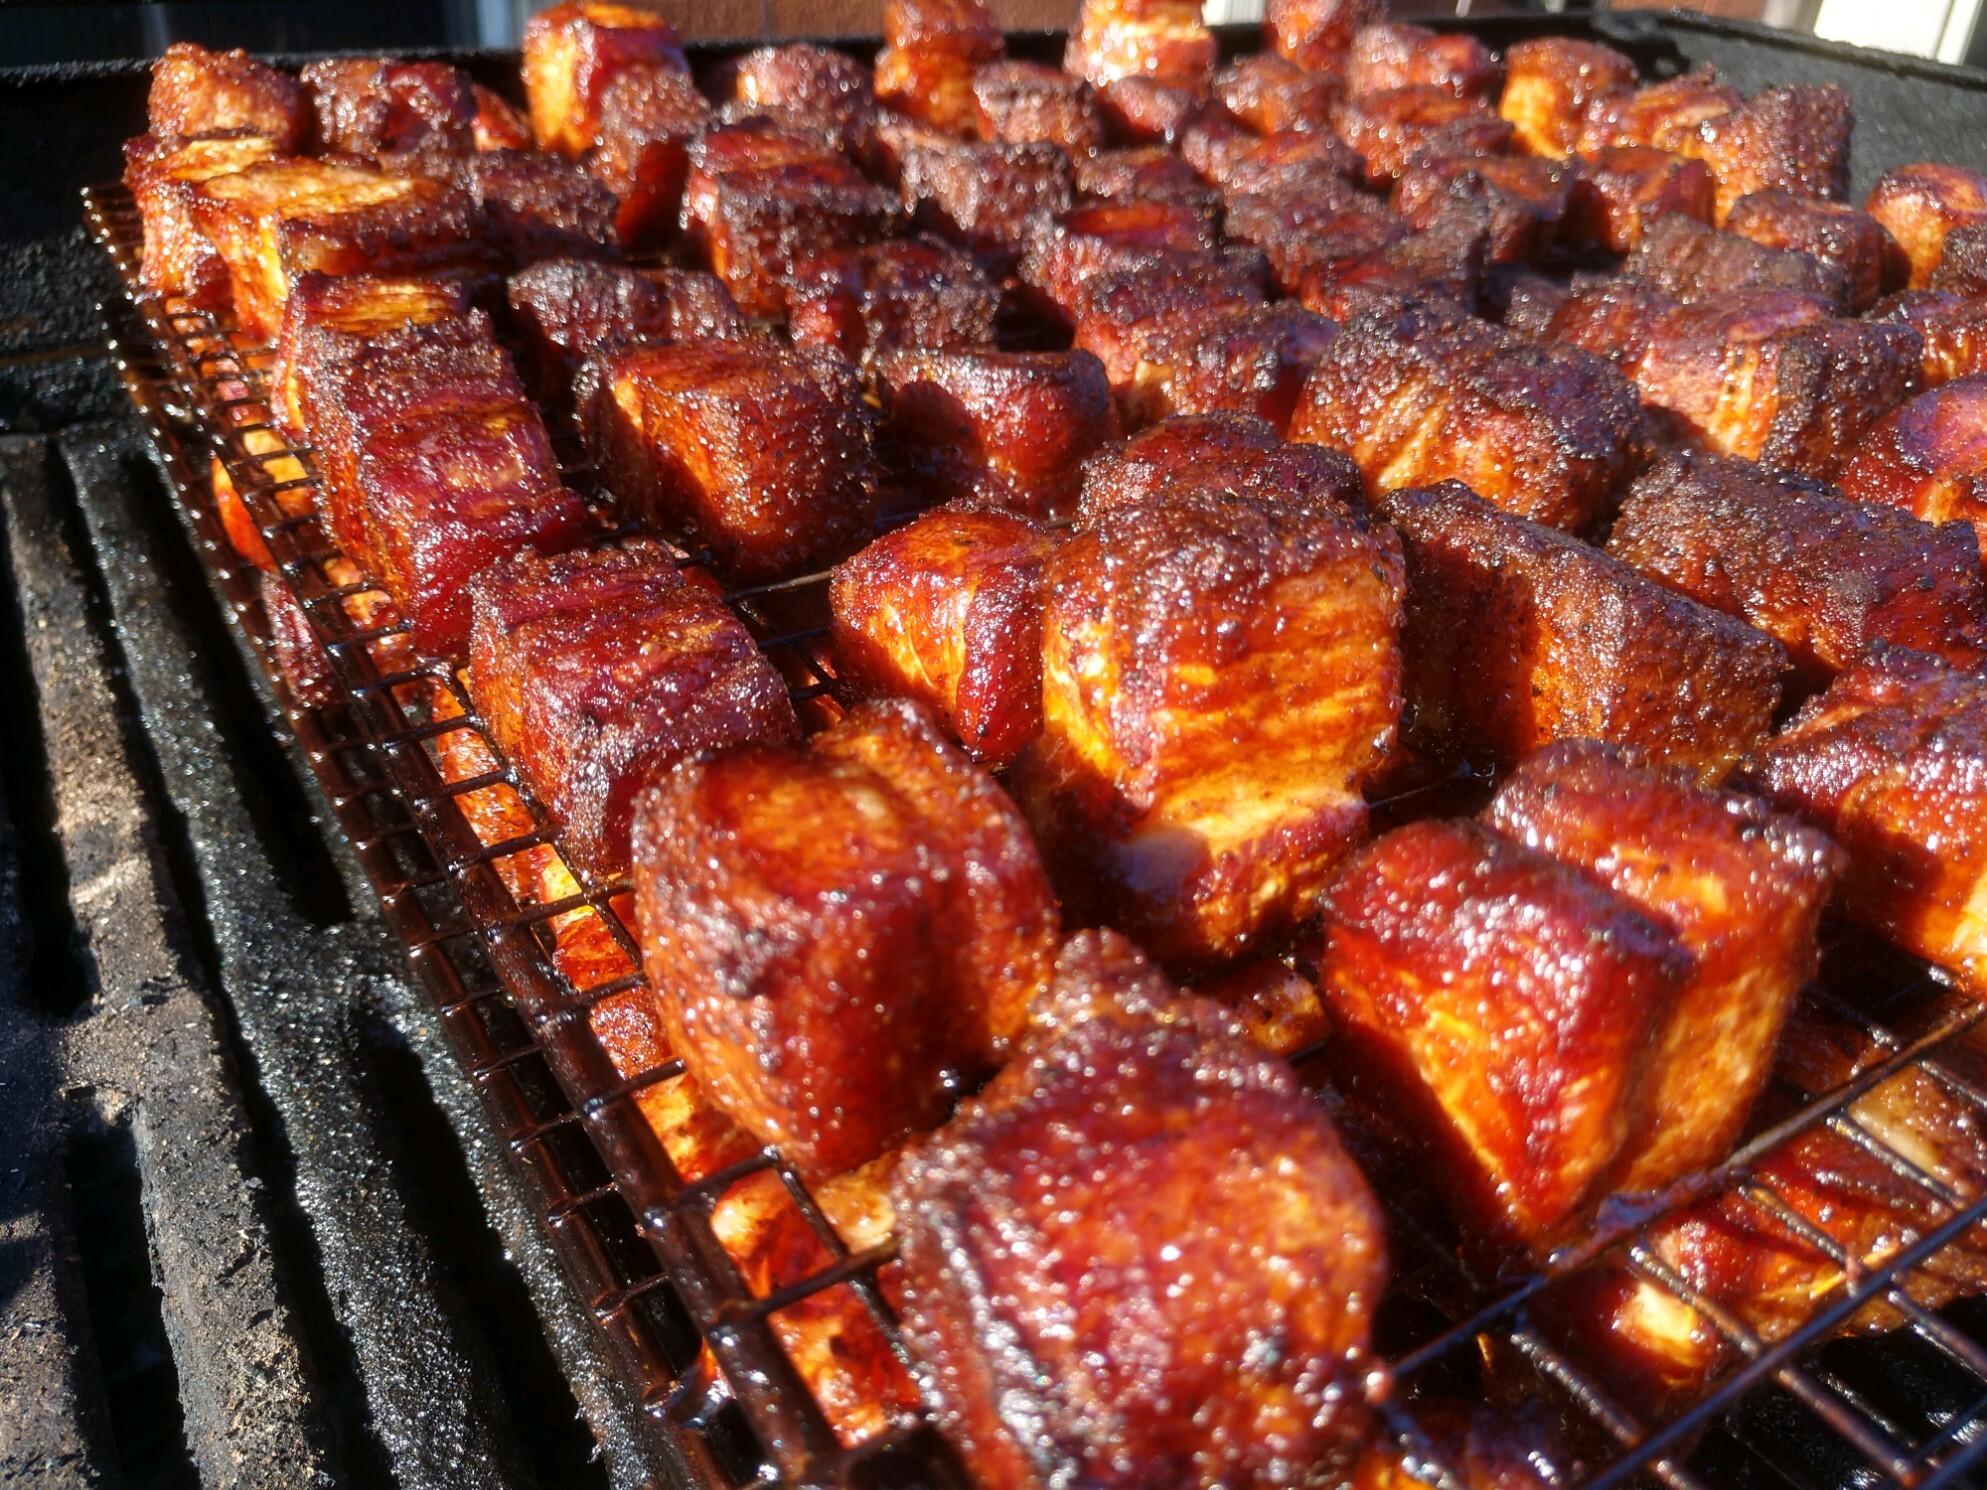 Old Arthur's Pork Belly Burnt Ends